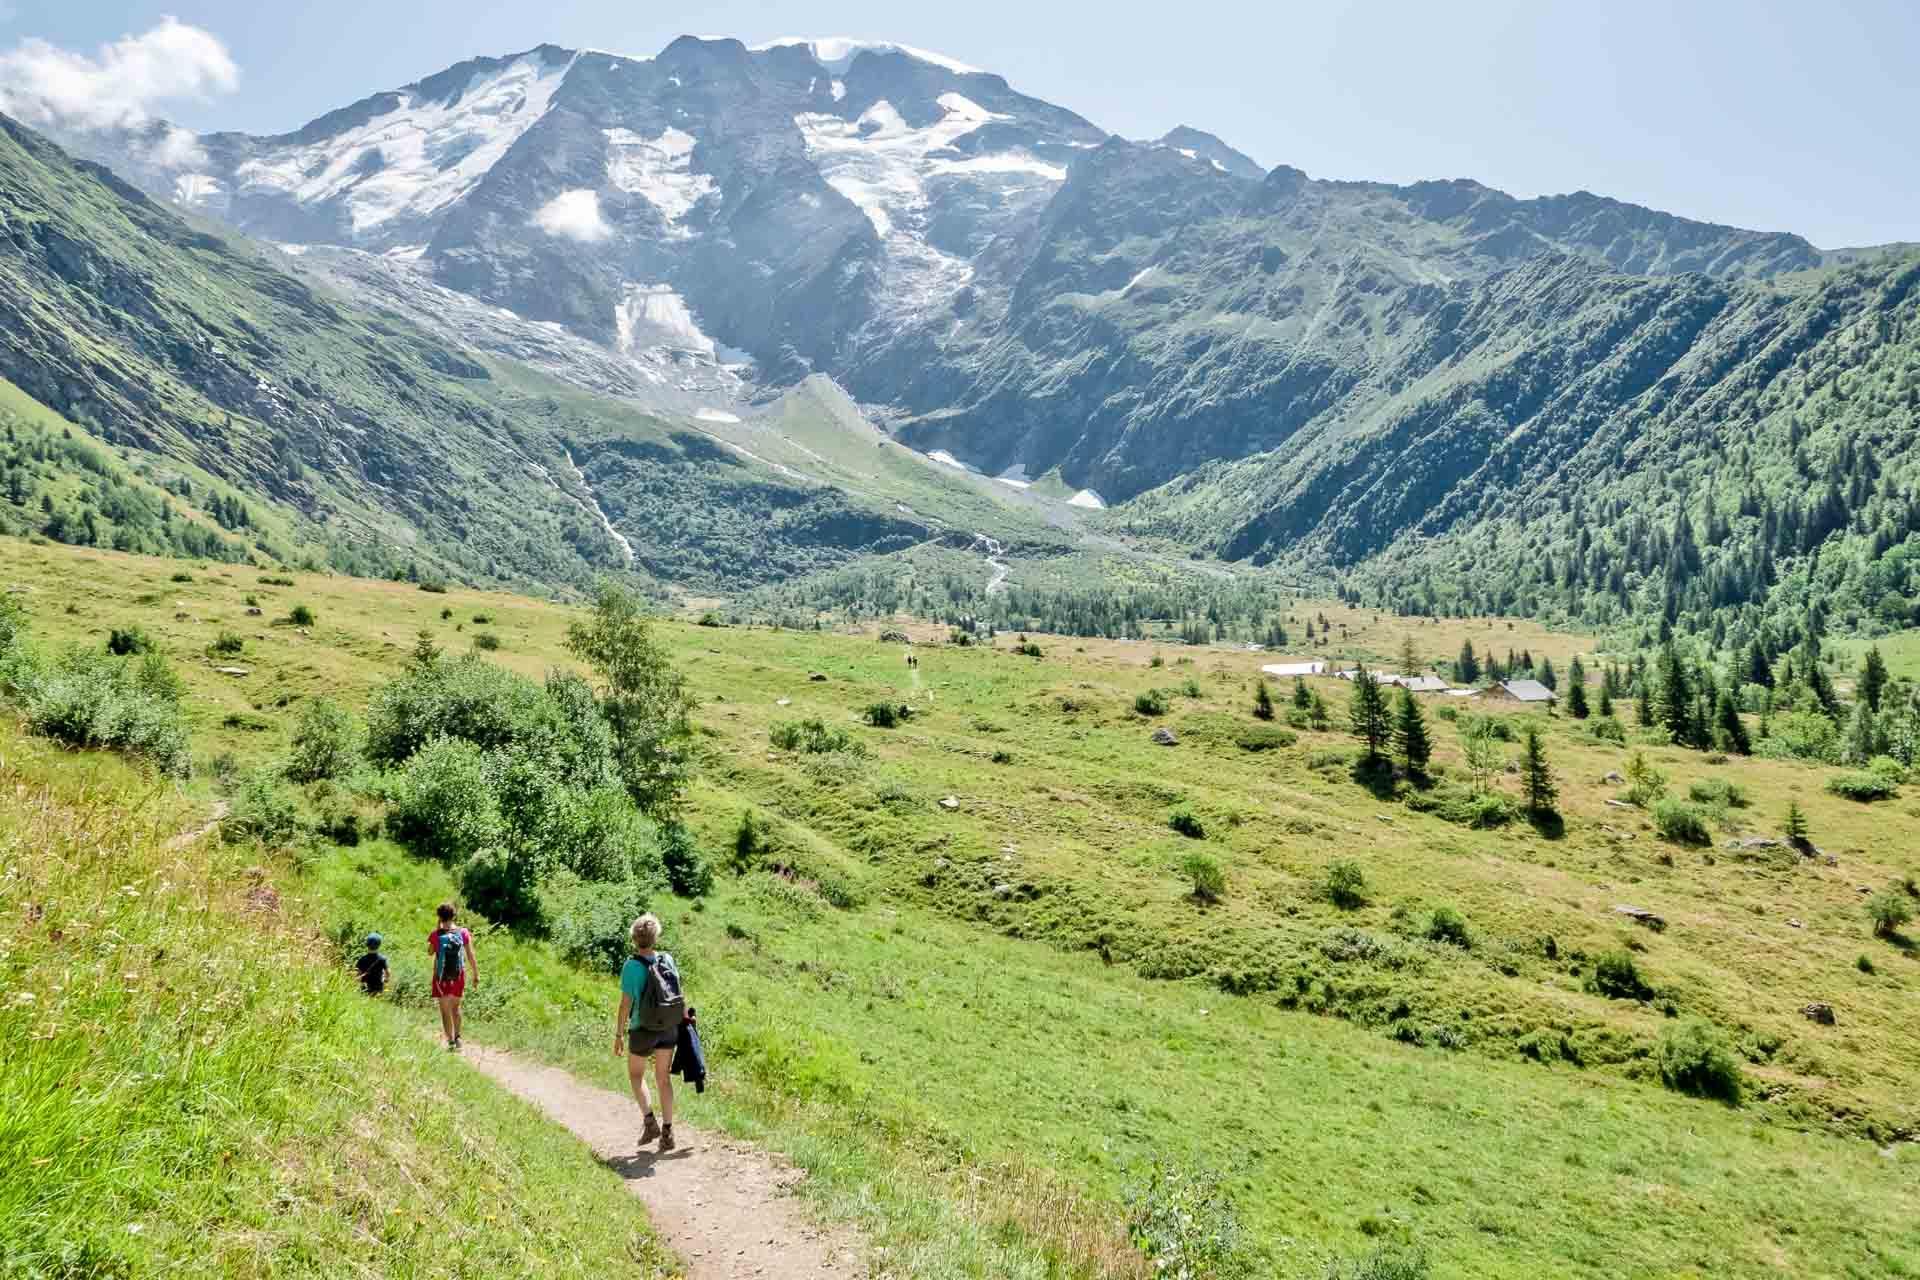 Une randonnée vers le refuge du Miage, gîte d'étape sur la route du tour du Mont Blanc © OT Saint-Gervais - Boris Molinier